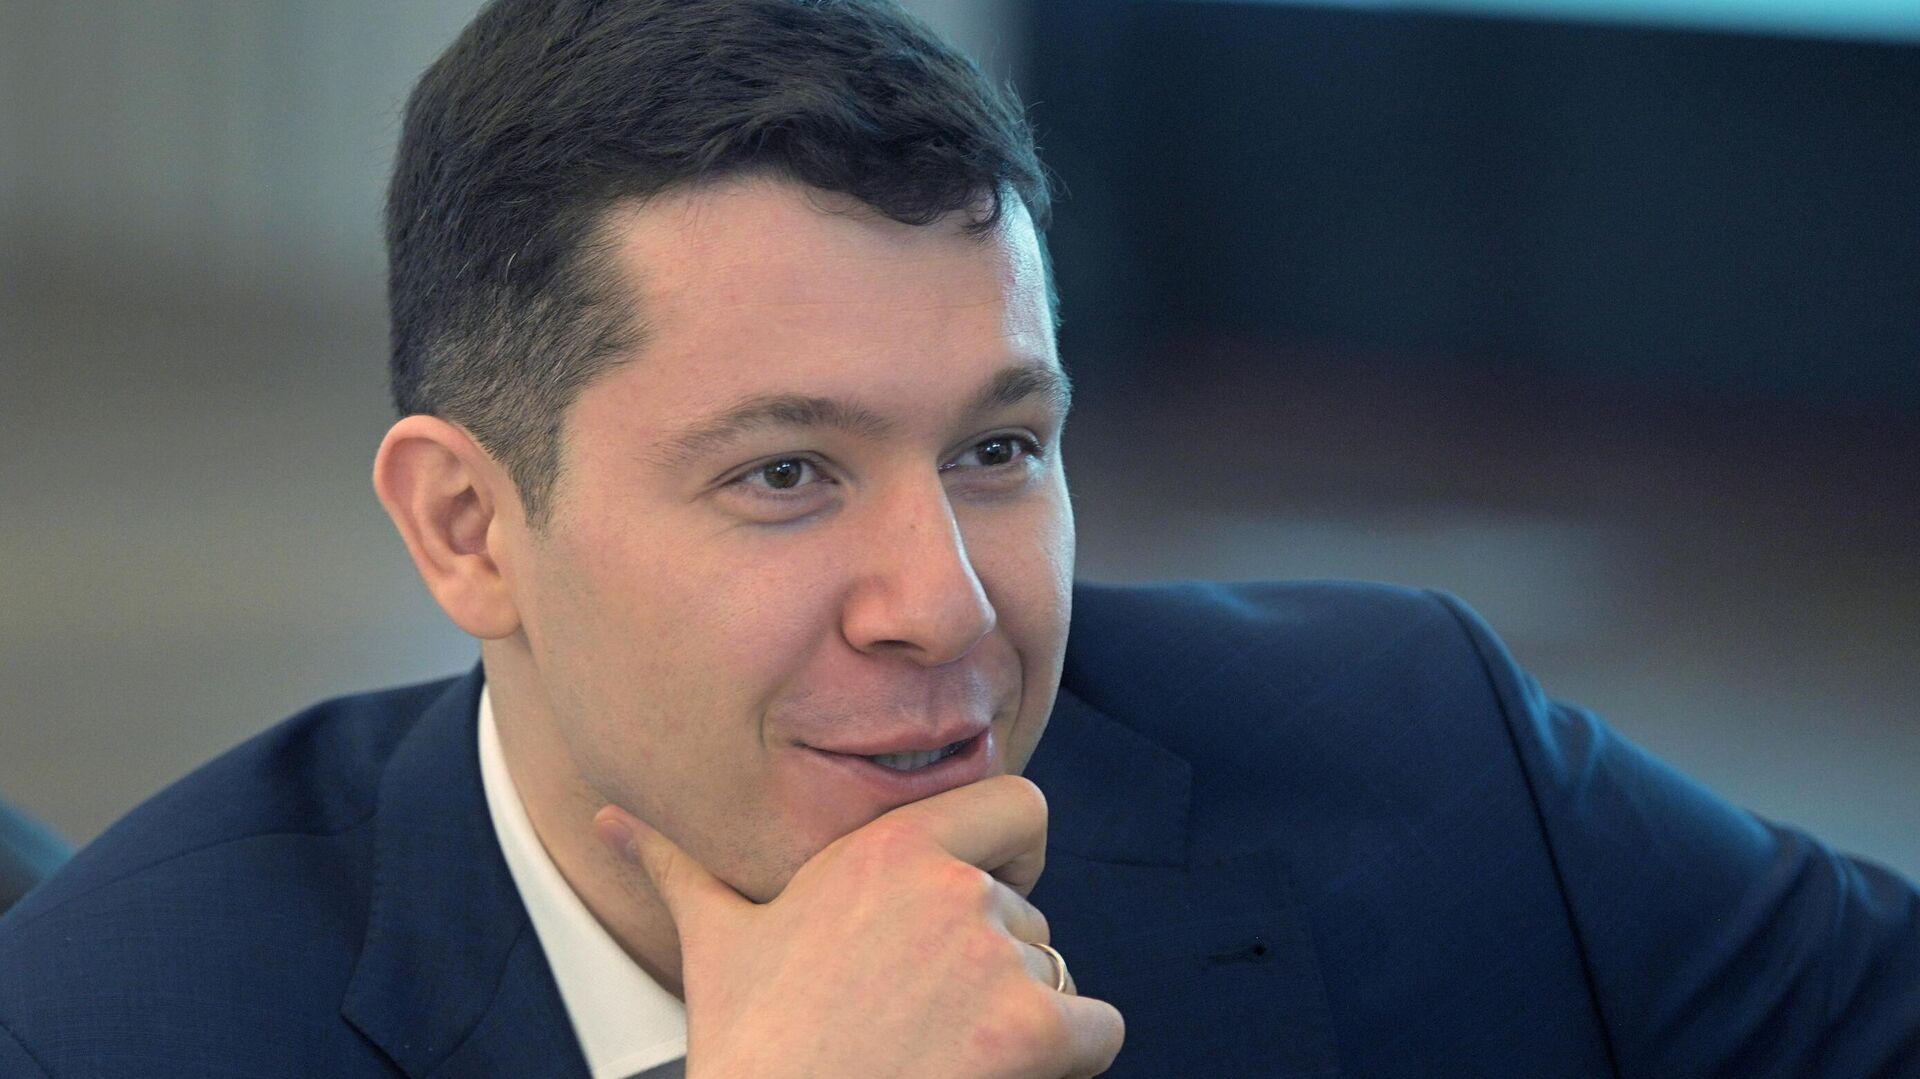 Губернатор Калининградской области Антон Алиханов - РИА Новости, 1920, 20.02.2021